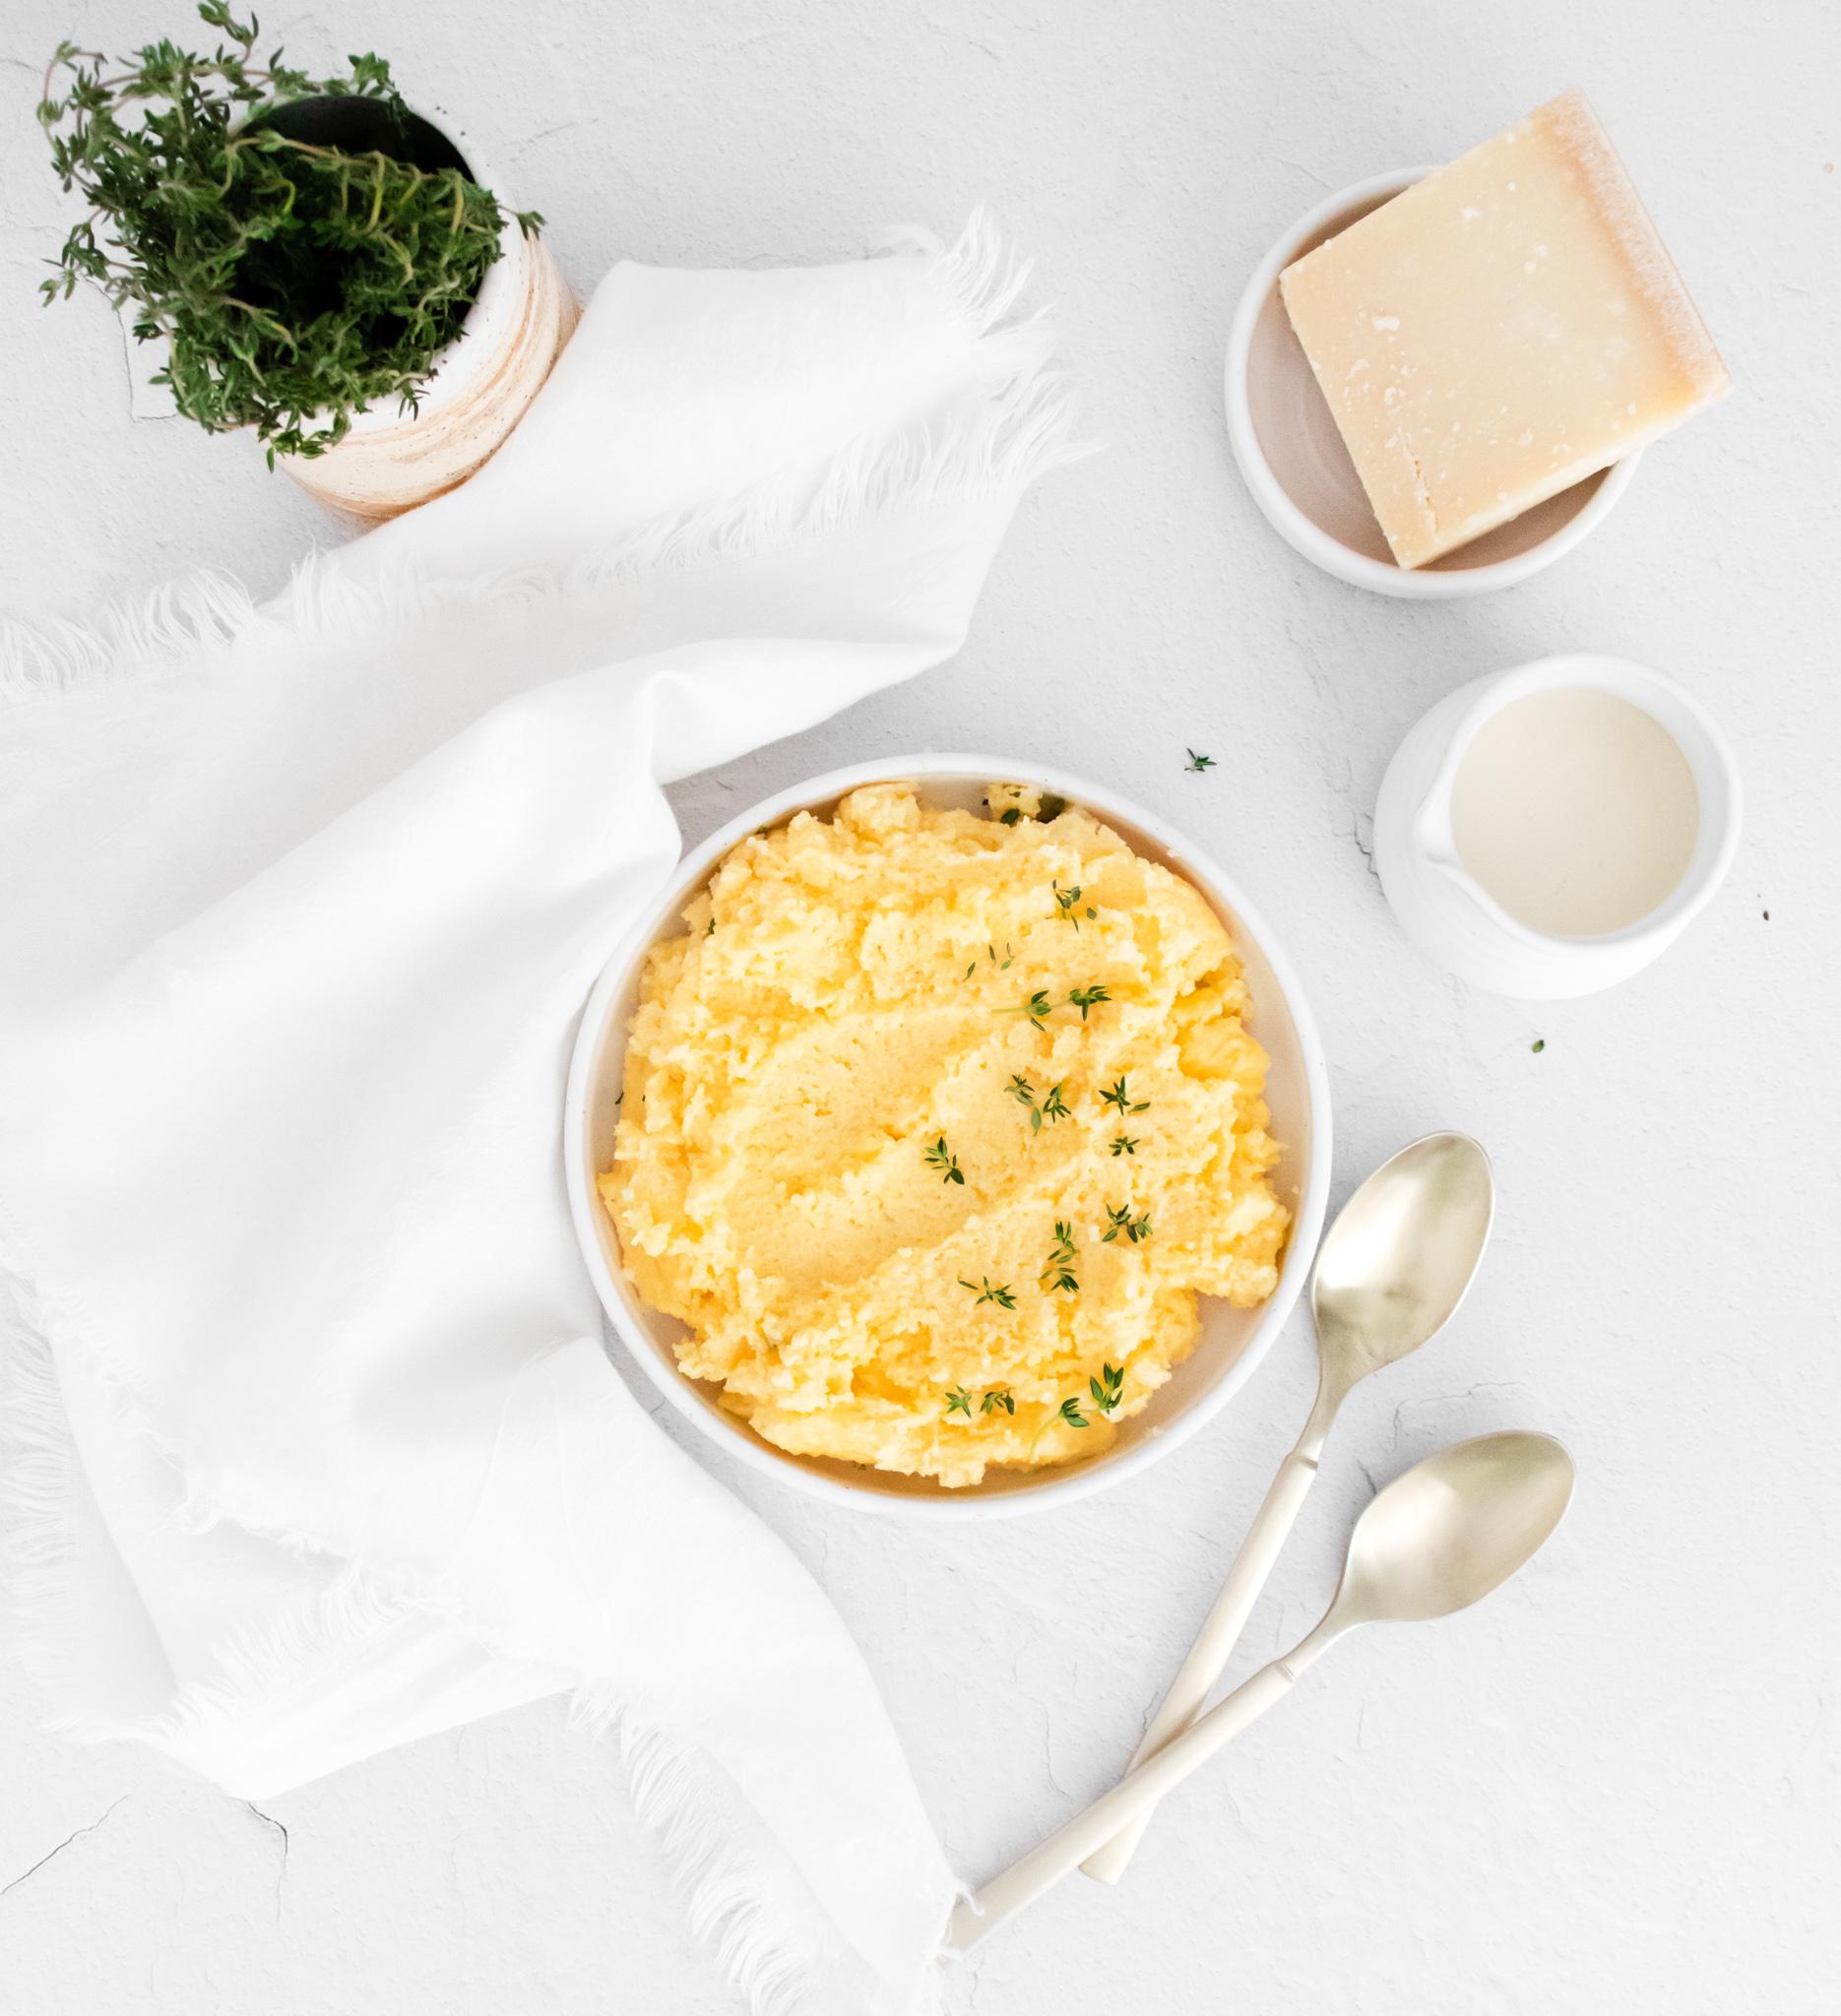 Creamy Polenta Recipe with Parmesan cheese.